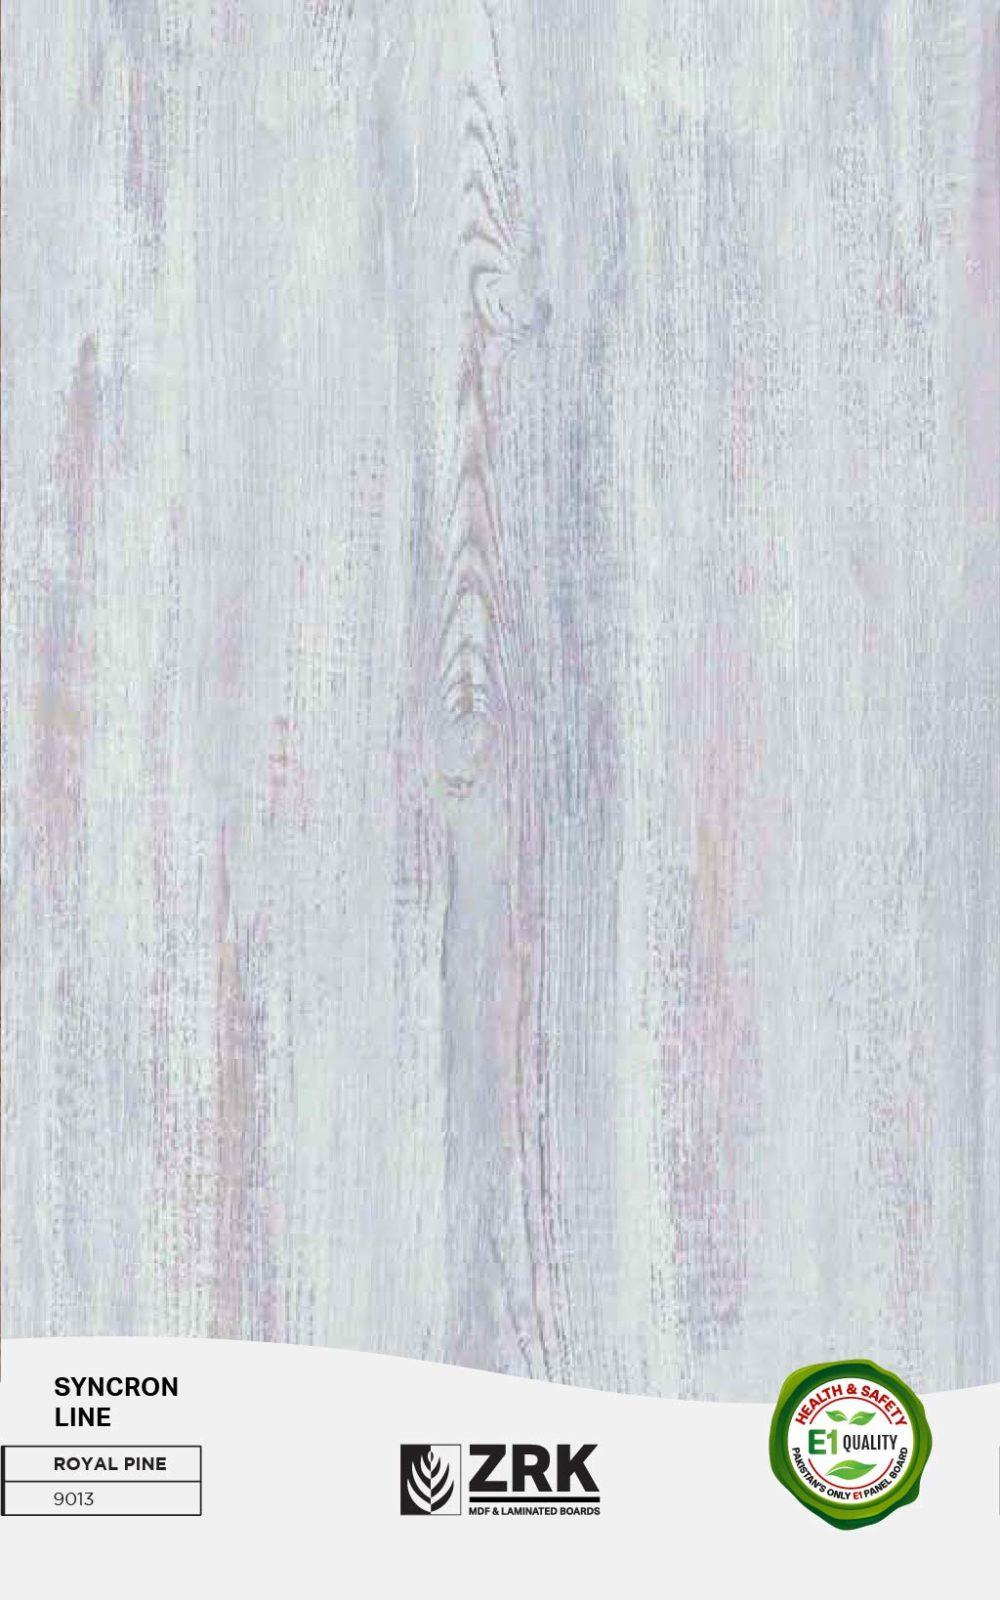 Syncron Line - Royal Pine - 9013